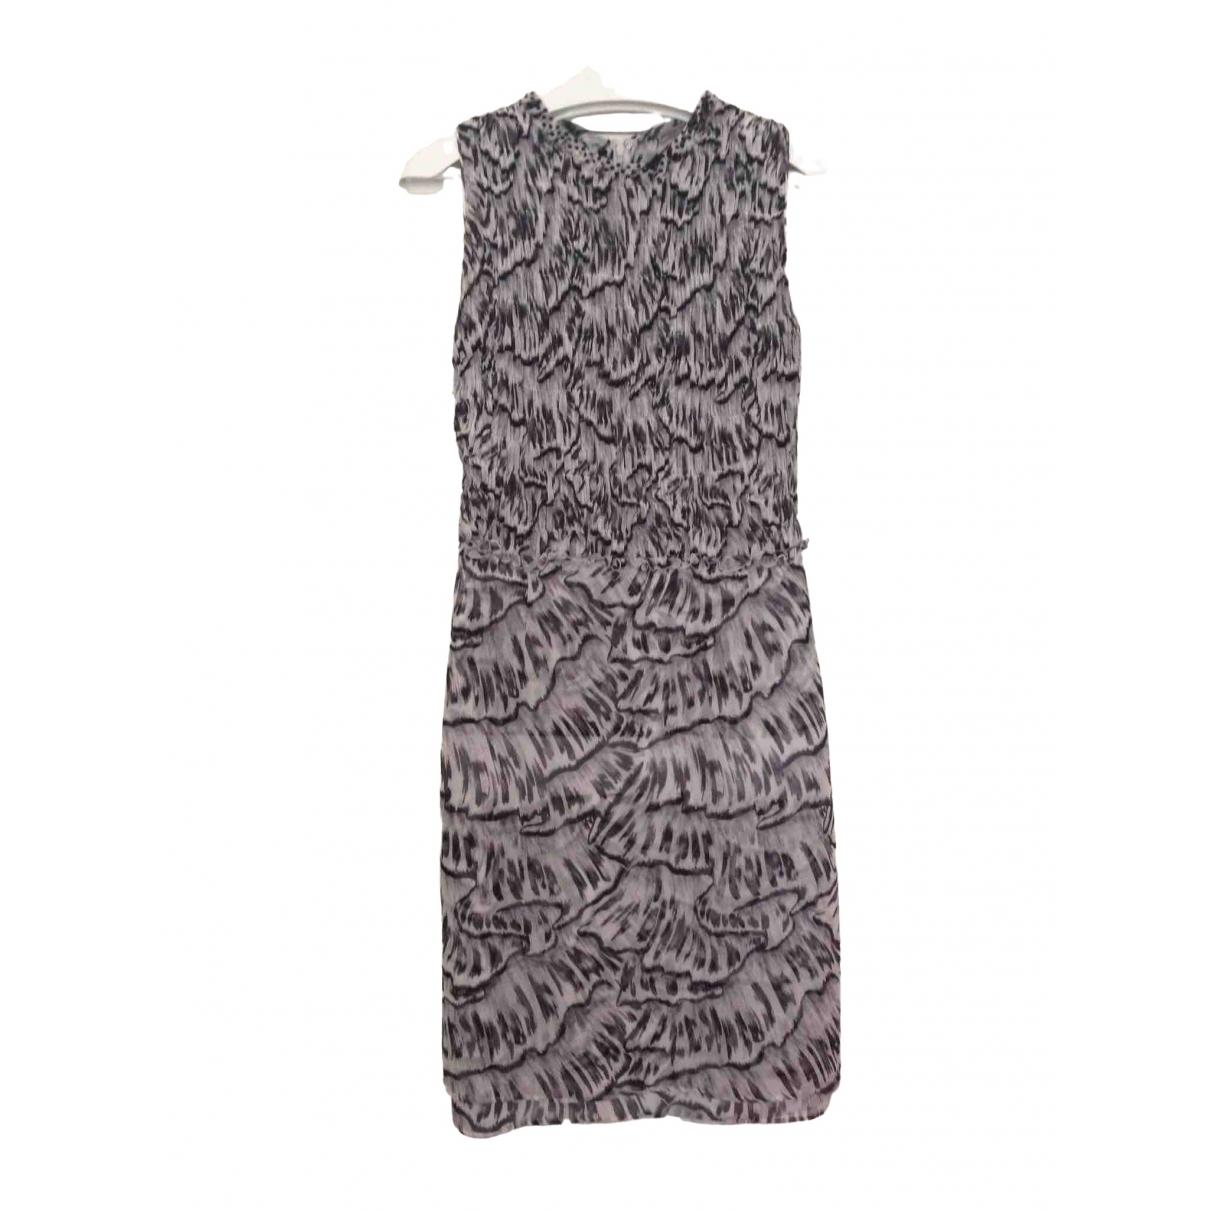 Bottega Veneta \N Grey Silk dress for Women 40 IT